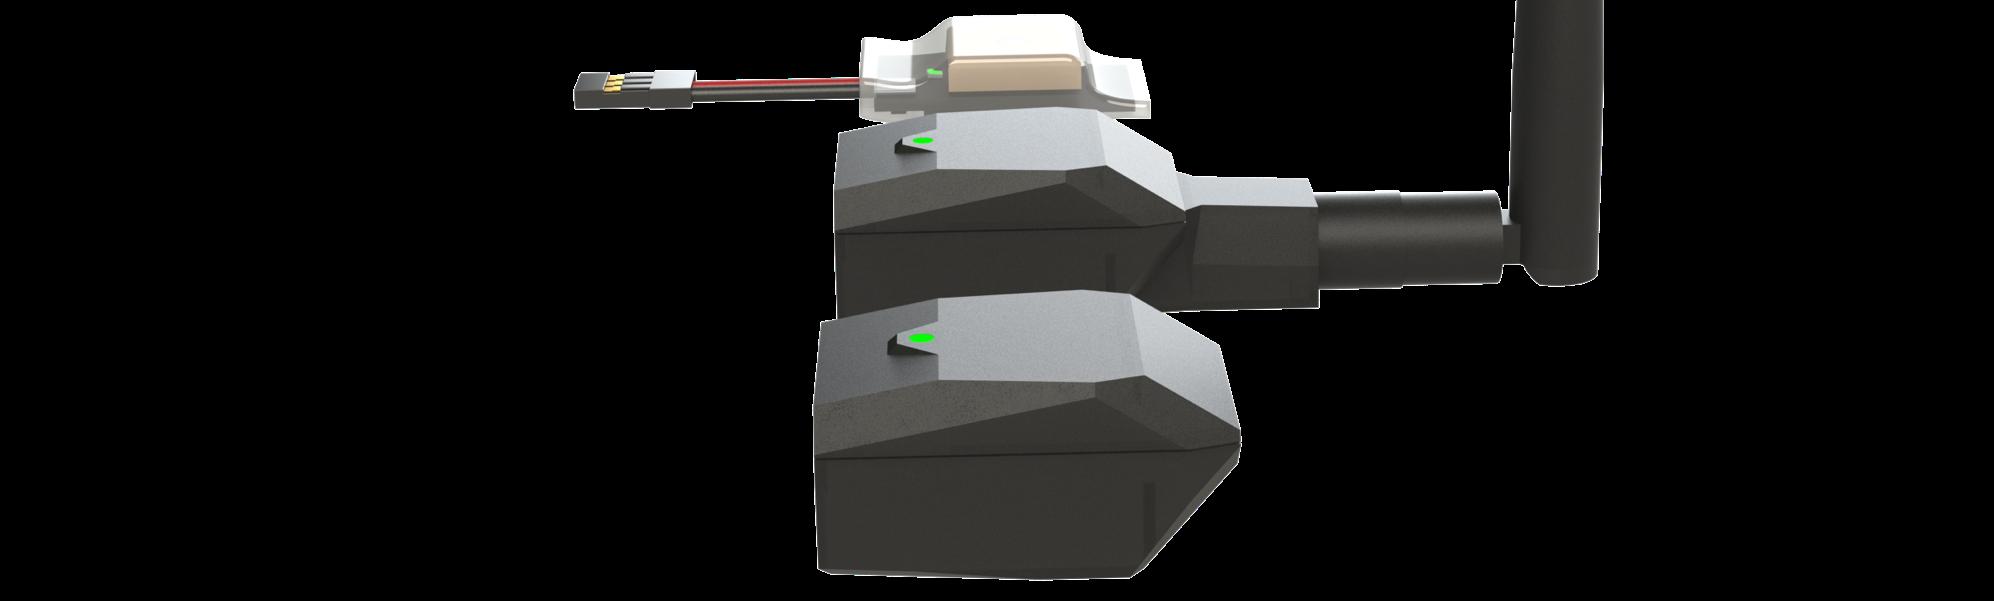 Balises d'identifications Beacon V2 pour drones